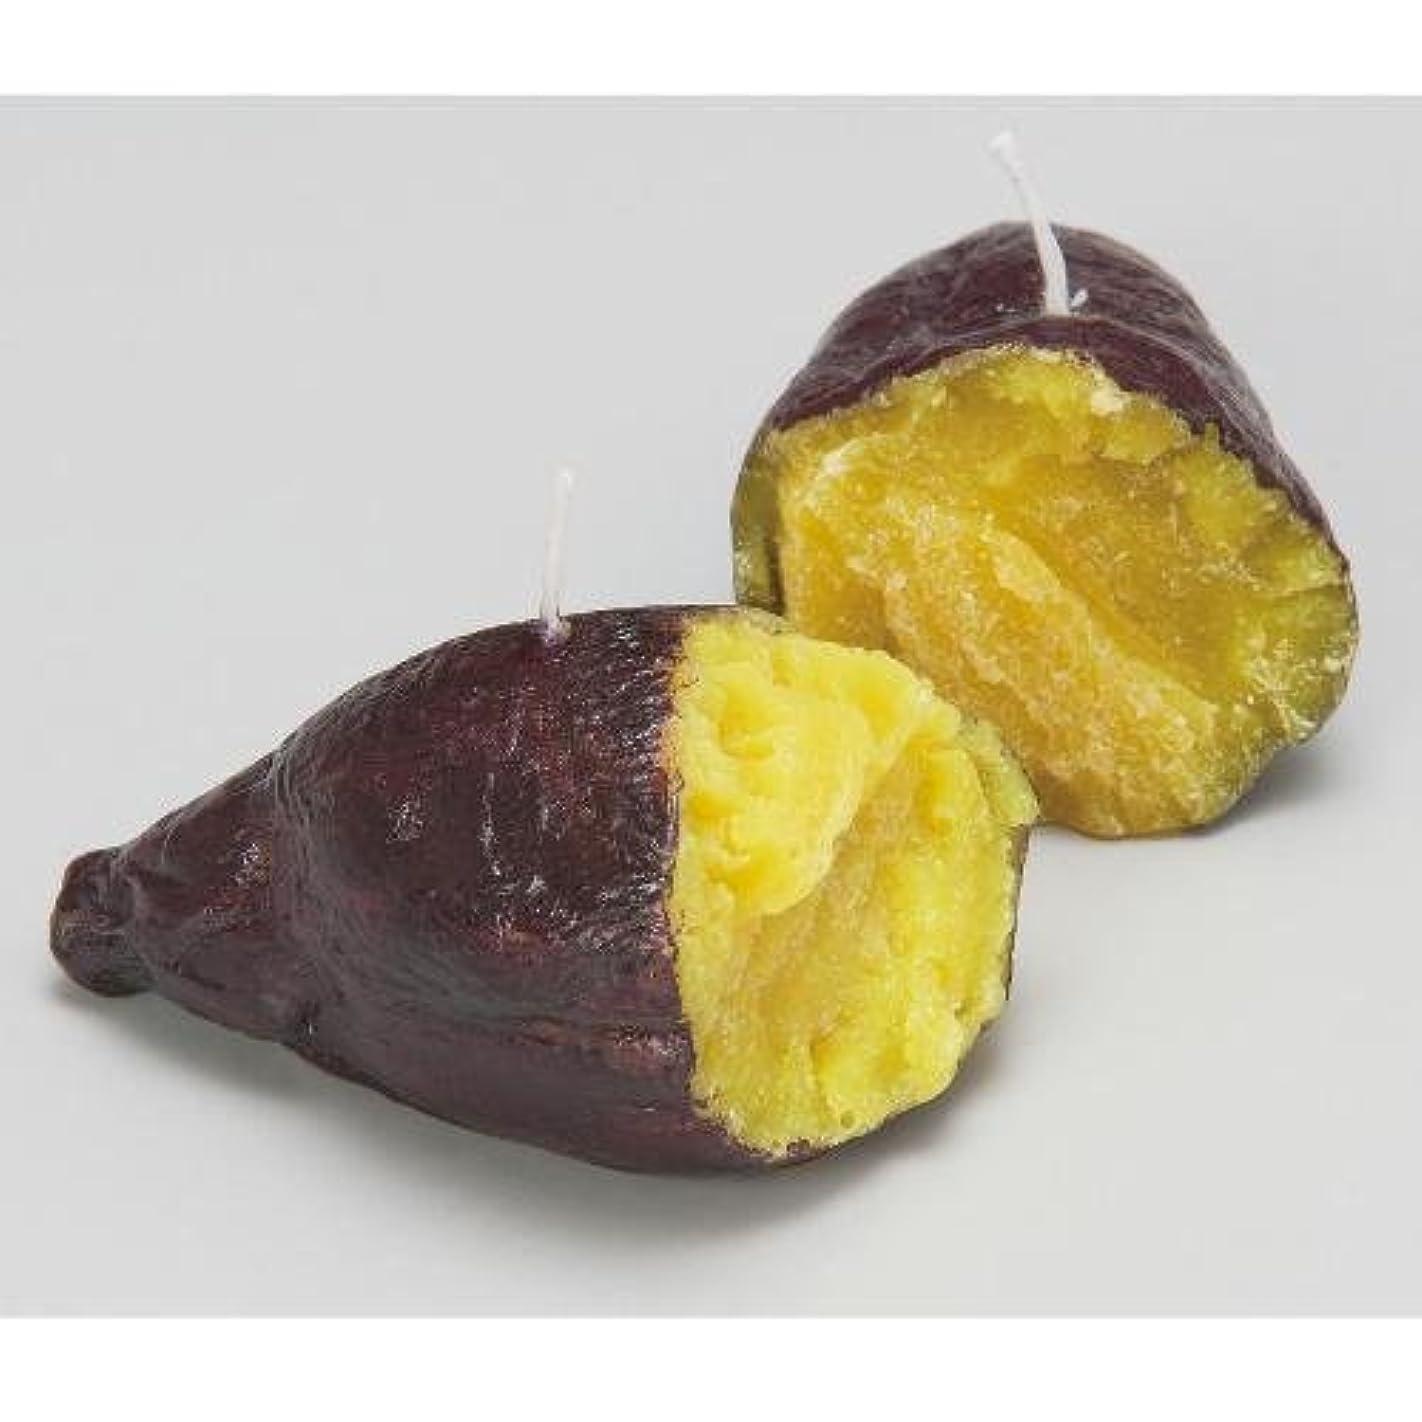 酸化物ピストン独立焼き芋キャンドル